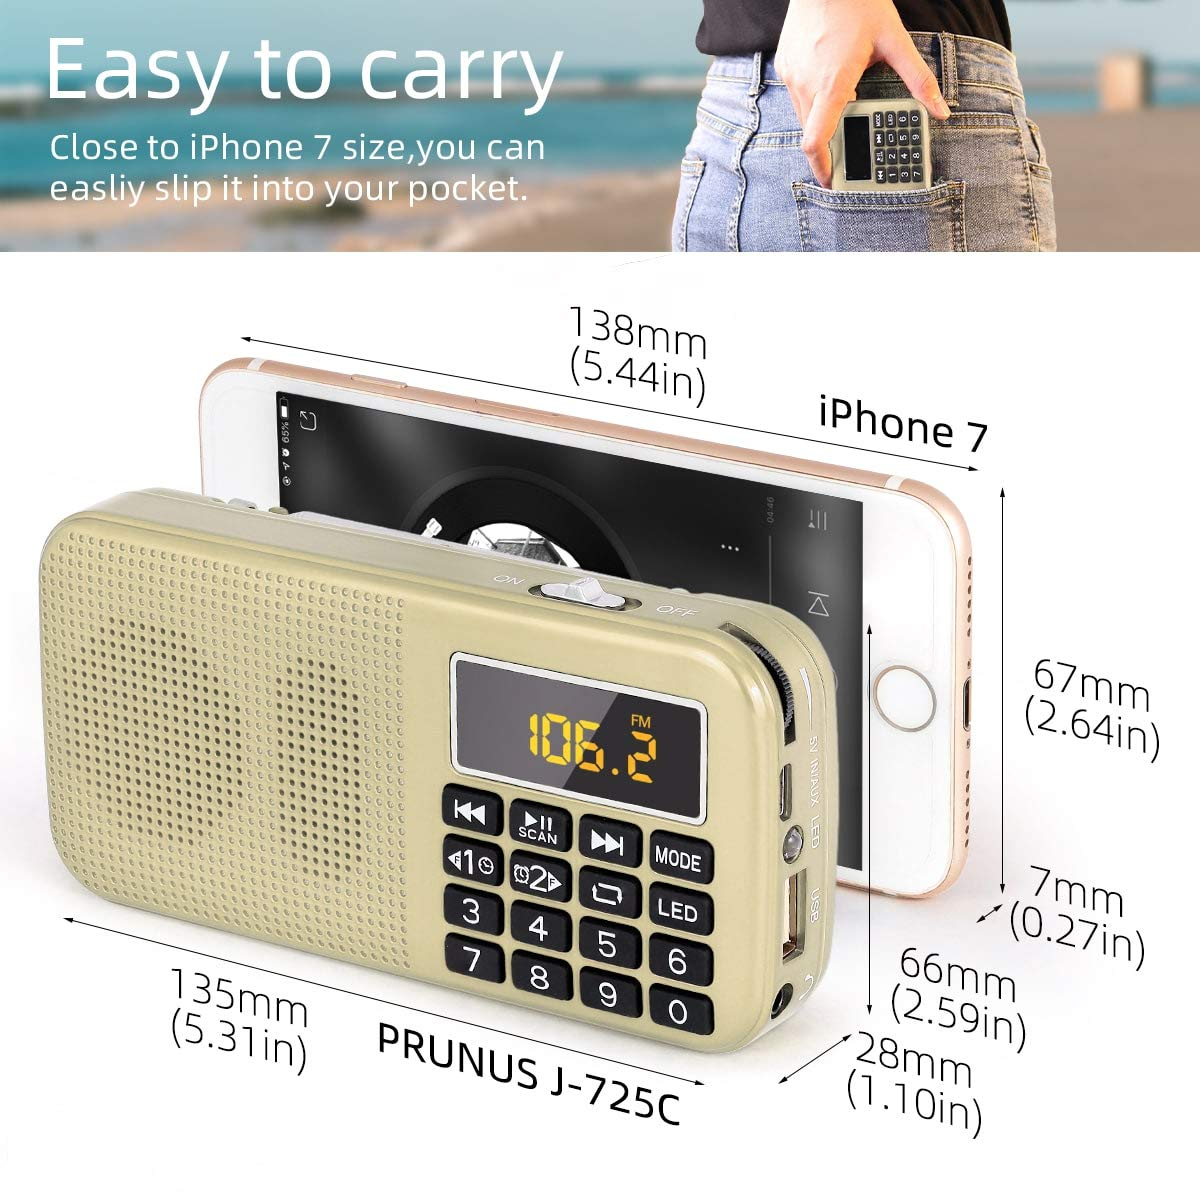 Lecture Longue Dur/ée Plus de 30 Heures Radio J-725C Portable Radio-r/éveil FM//MP3//SD//USB PRUNUS avec Batterie de Grande Capacit/é Pas de Fonction de M/émoire Manuelle . 3000mAh